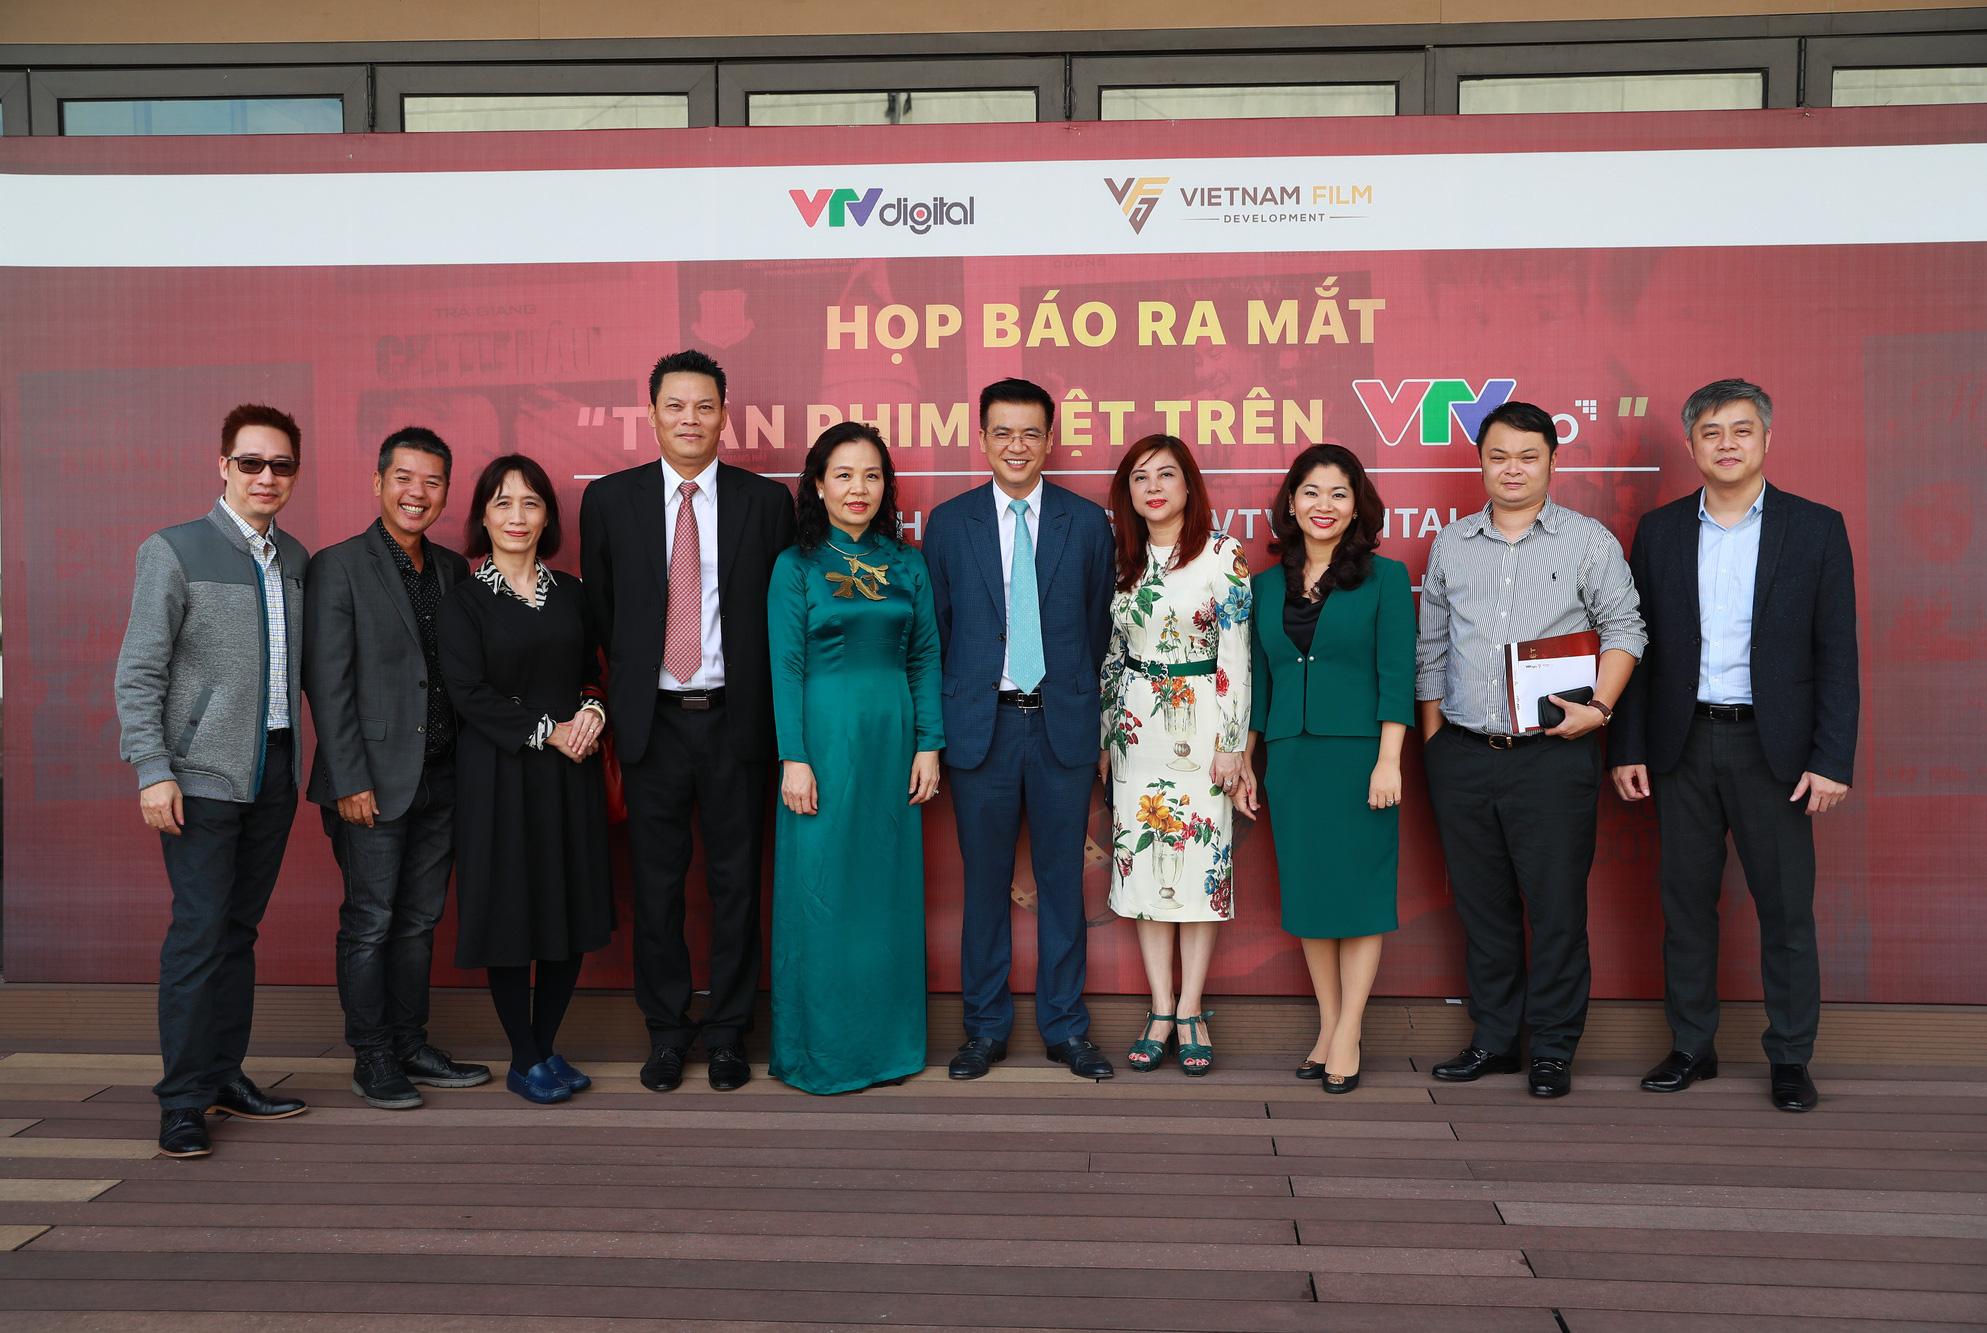 Tuần phim Việt trên VTVGo - Cơ hội tiếp cận những bom tấn của điện ảnh Việt trên nền tảng số - Ảnh 9.